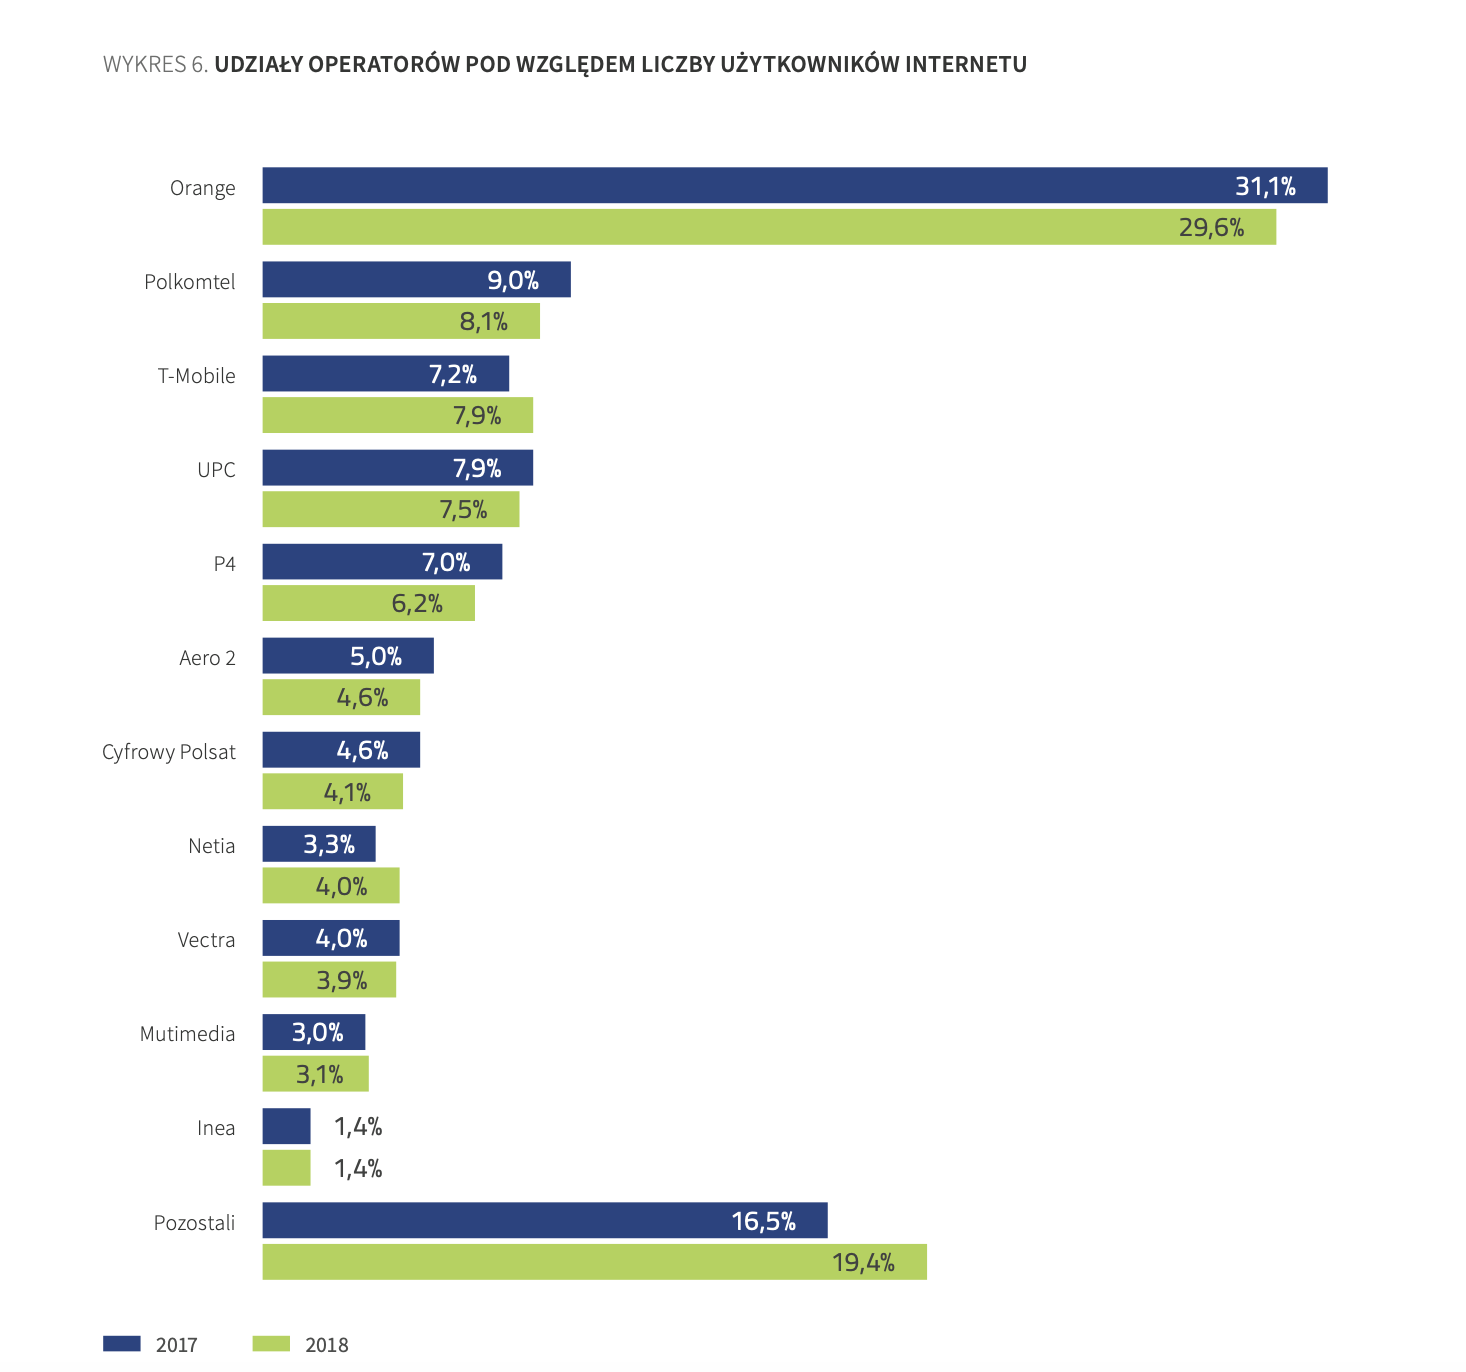 Dostęp do Internetu -Raport o stanie rynku telekomunikacyjnego UKE